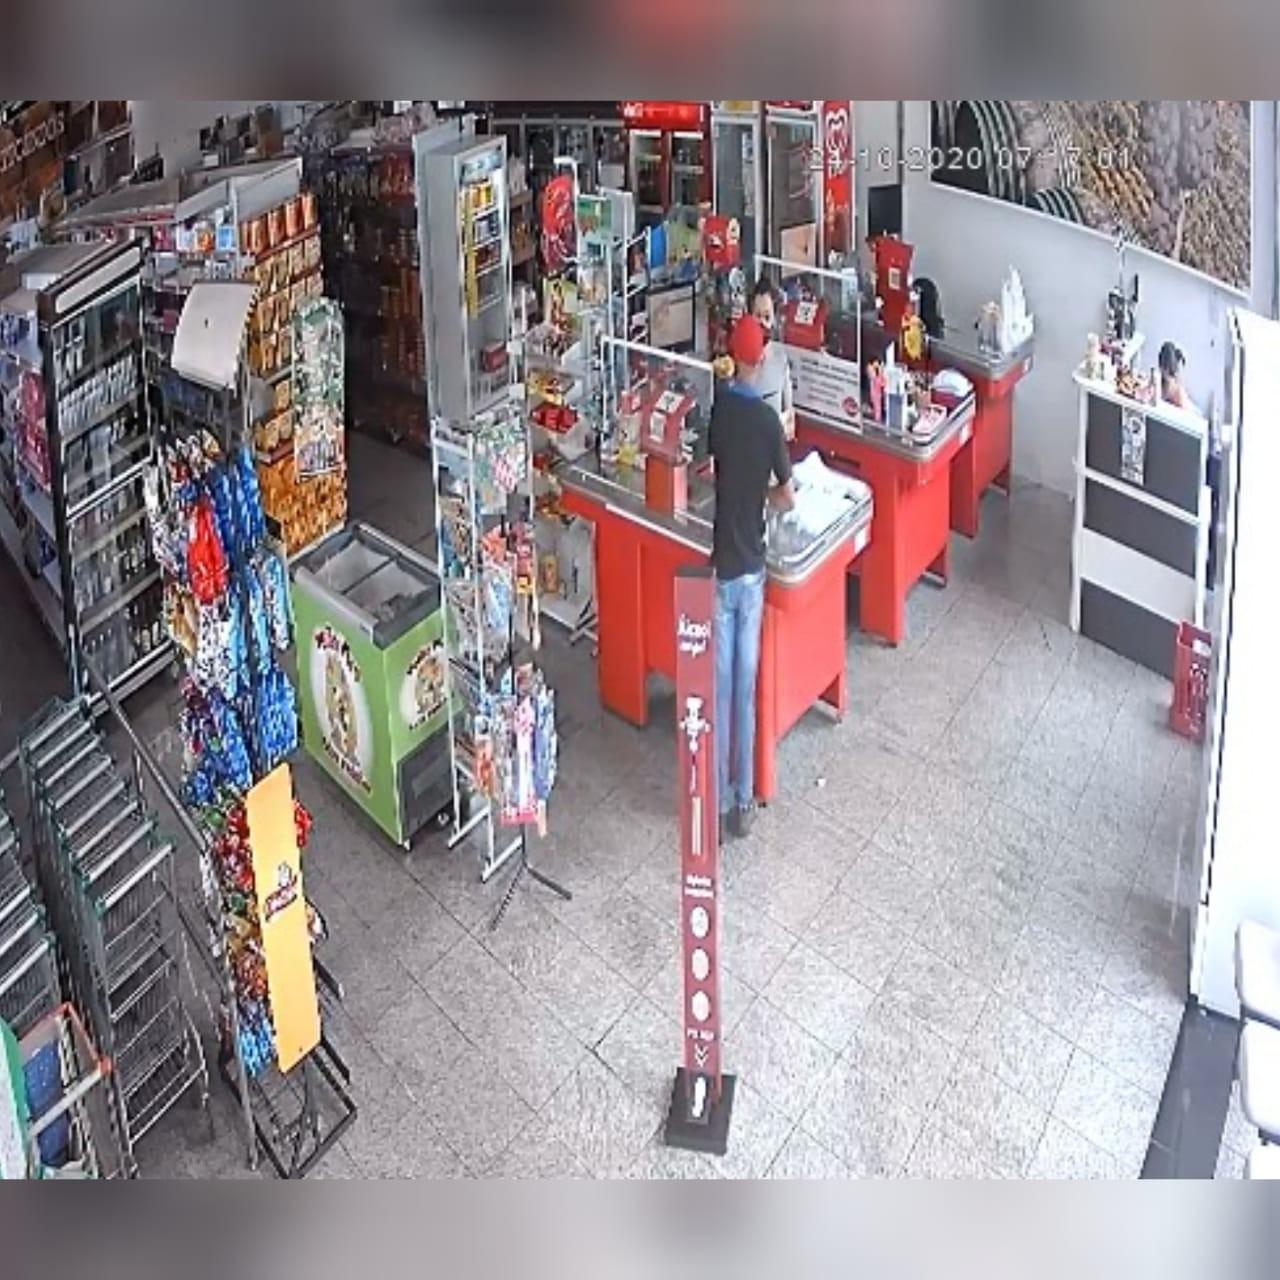 Câmeras flagram assalto a mercado em Itapetininga